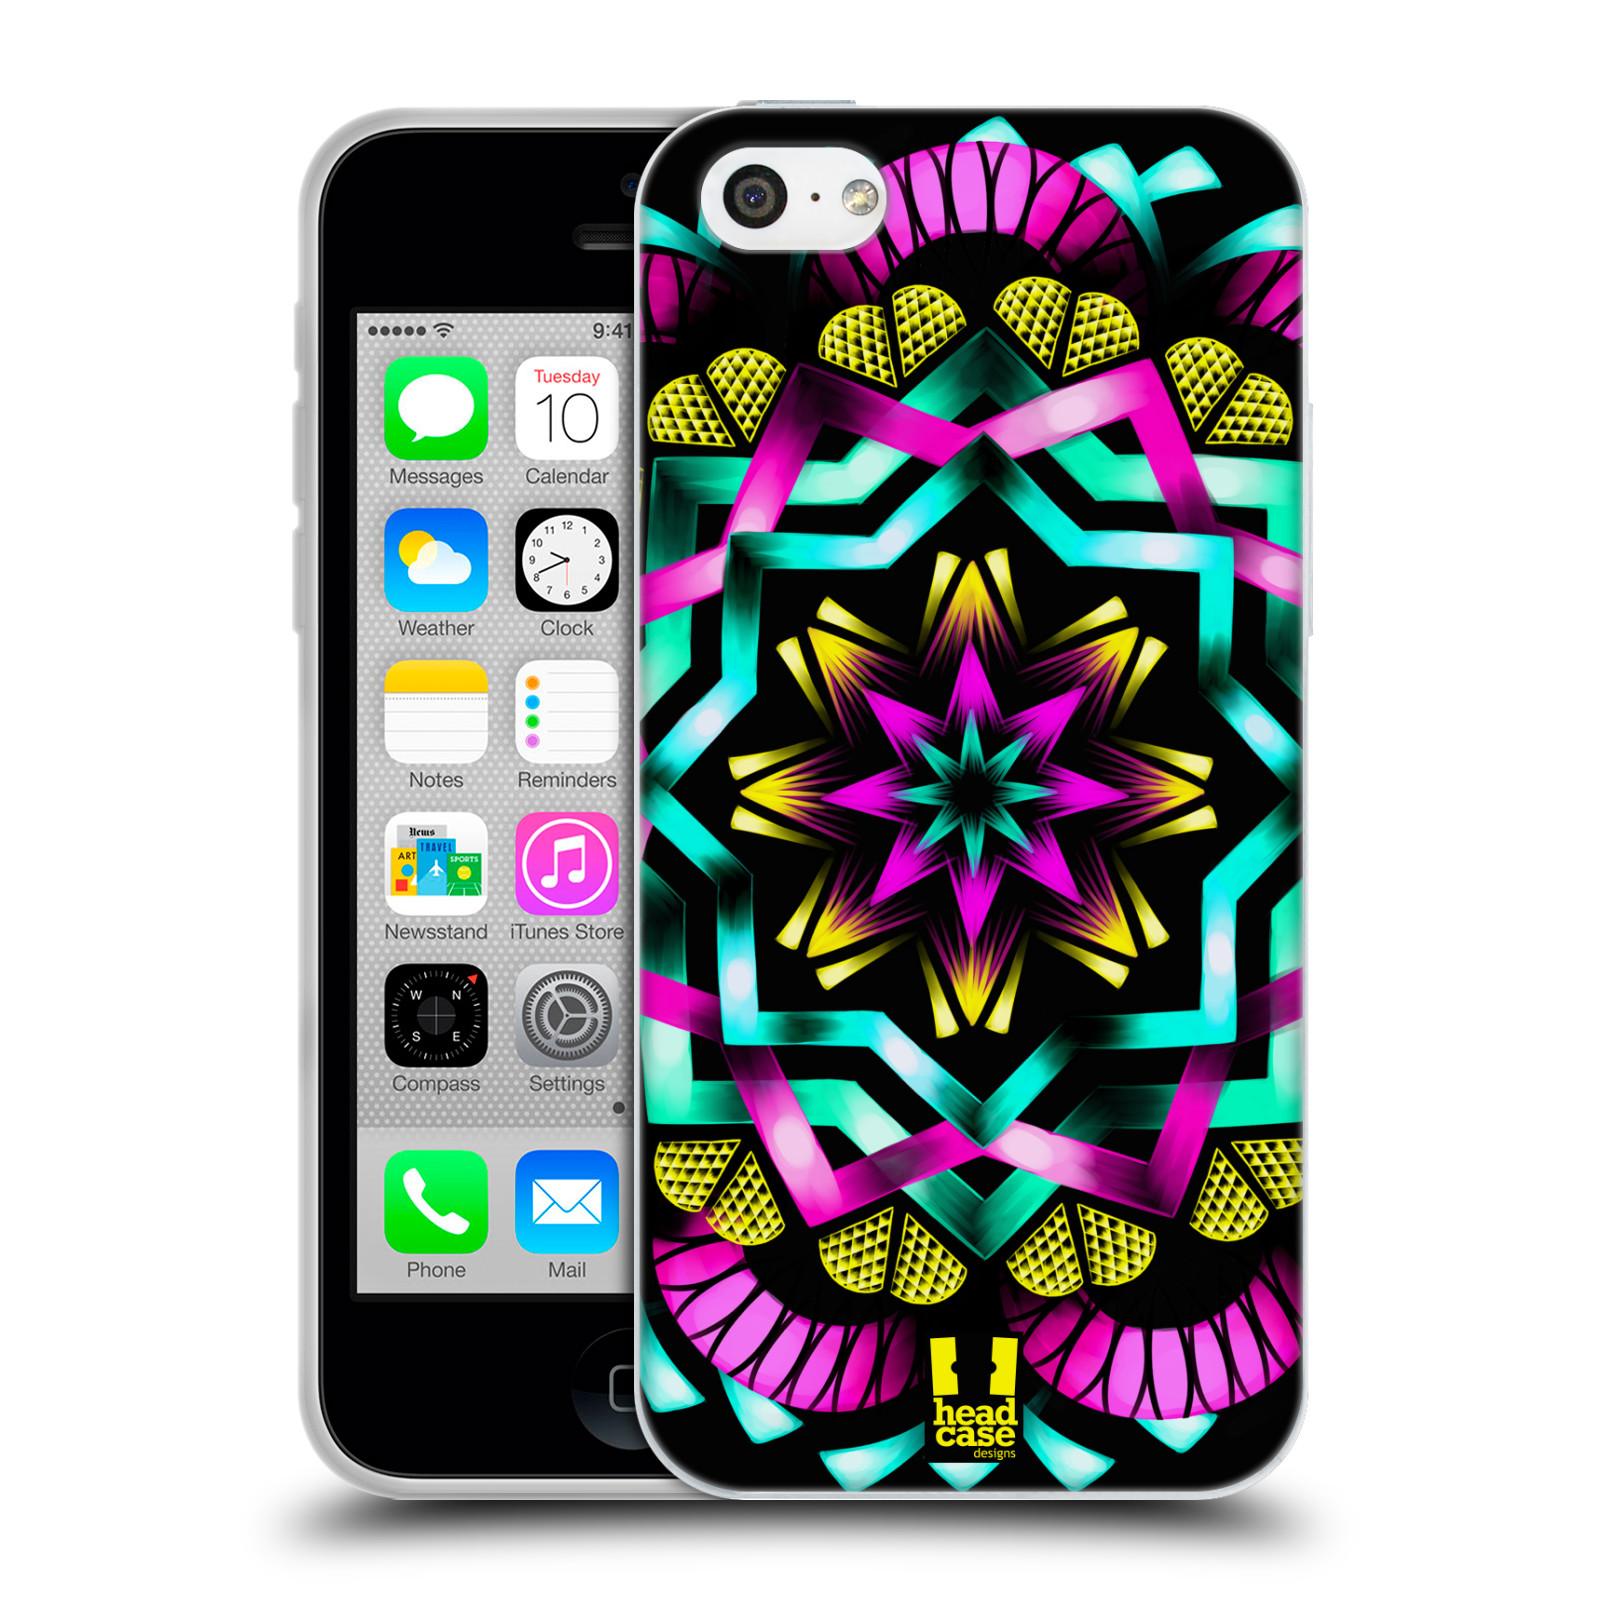 HEAD CASE silikonový obal na mobil Apple Iphone 5C vzor Indie Mandala kaleidoskop barevný vzor SLUNCE